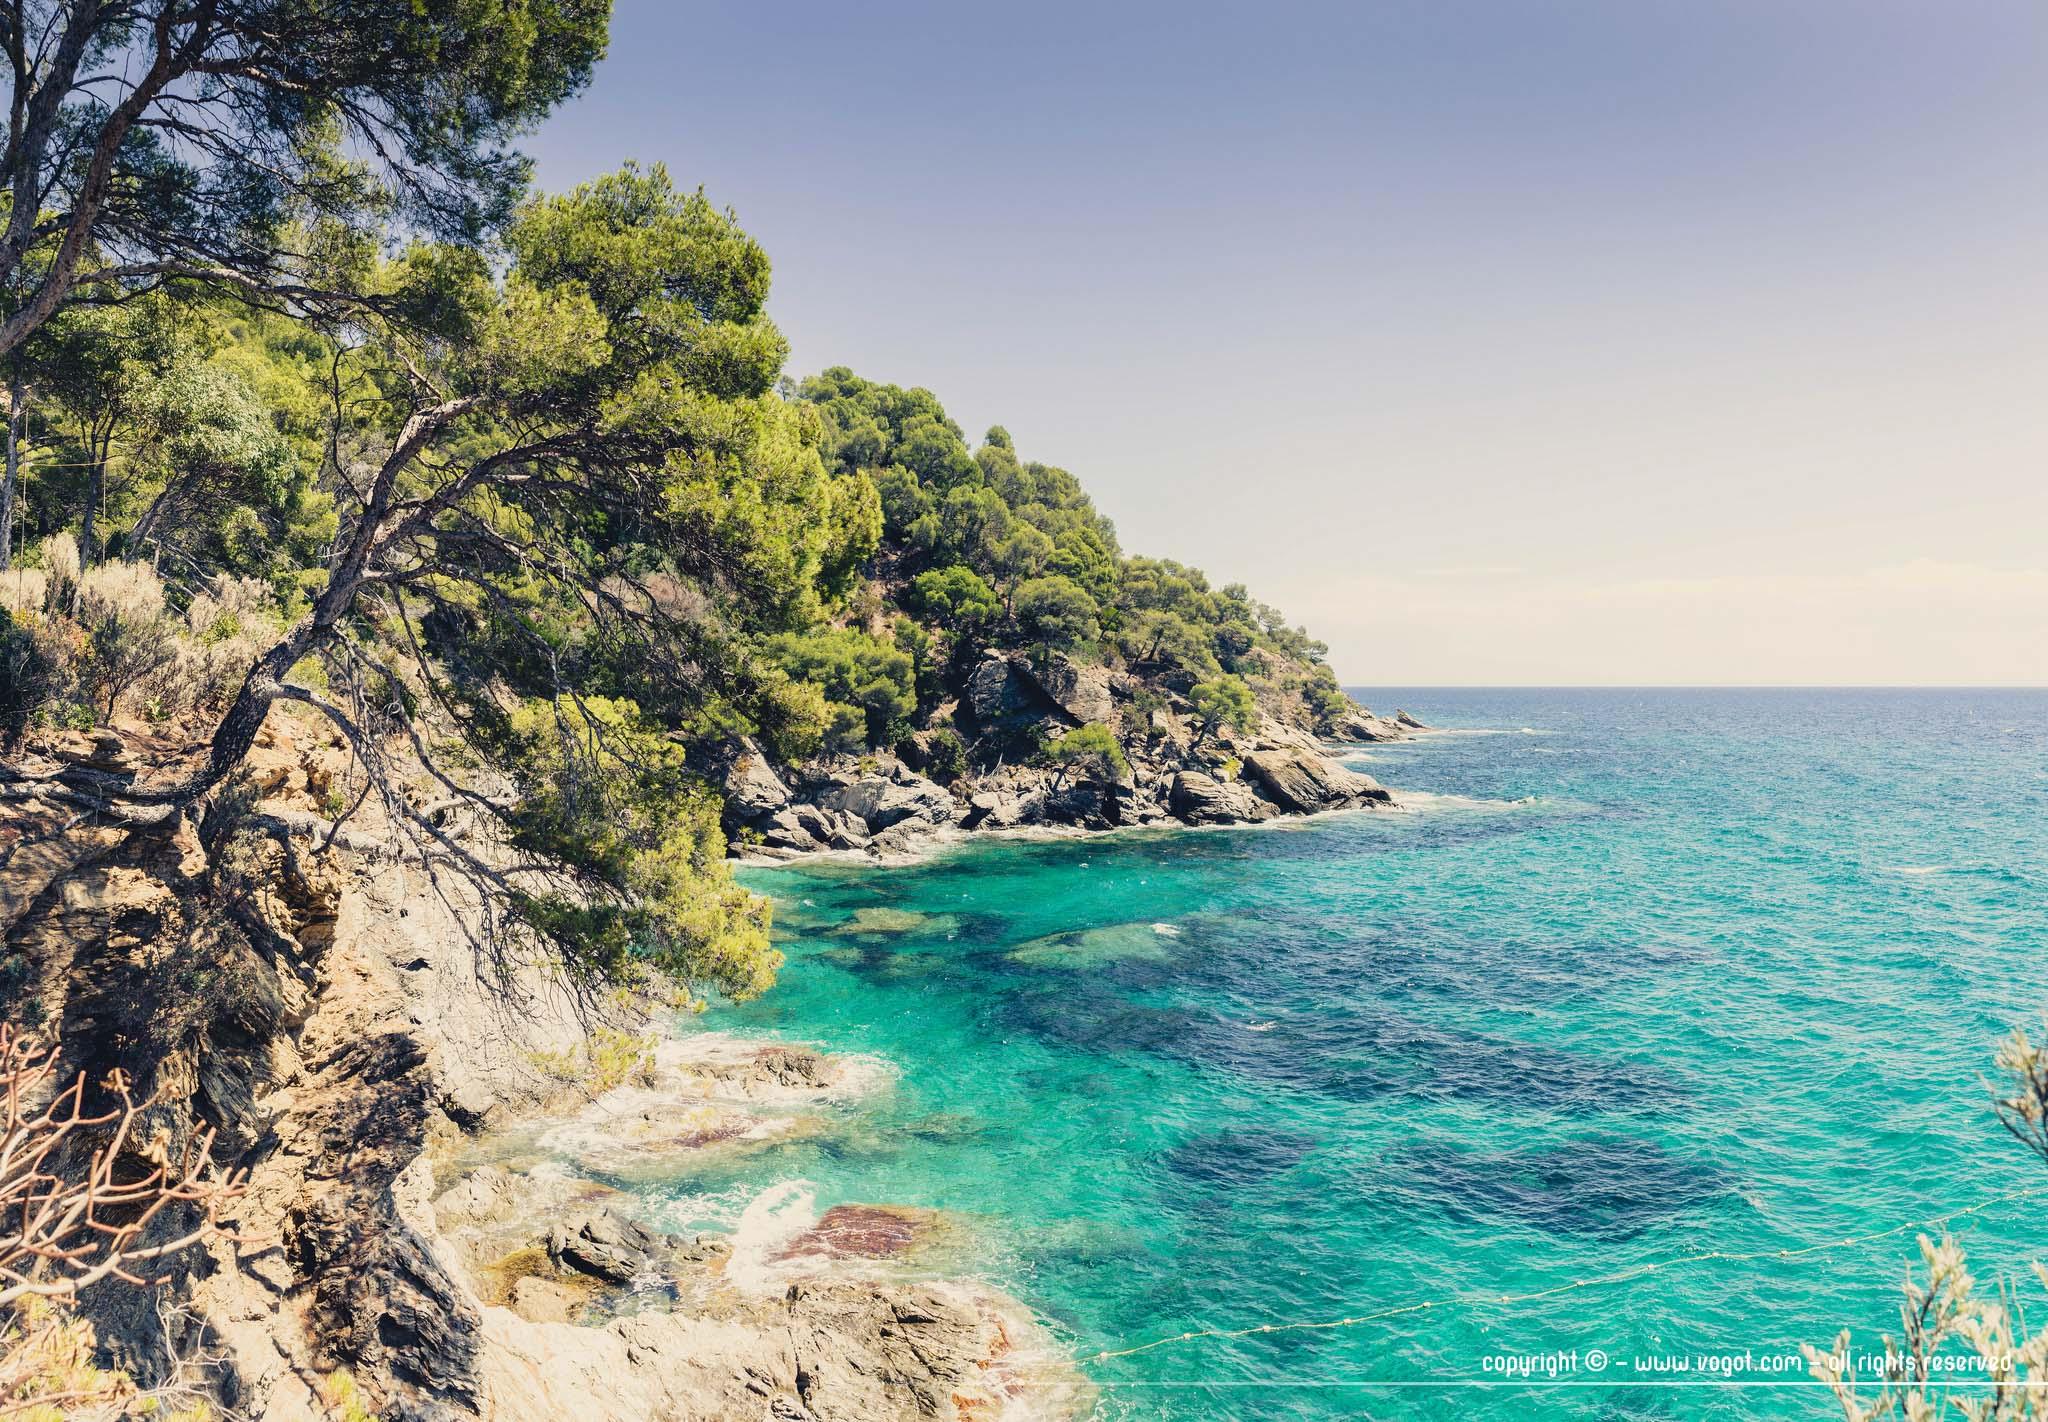 Le domaine du Rayol - la pointe du Figuier donnant sur les eaux cristallines de la Méditerranée